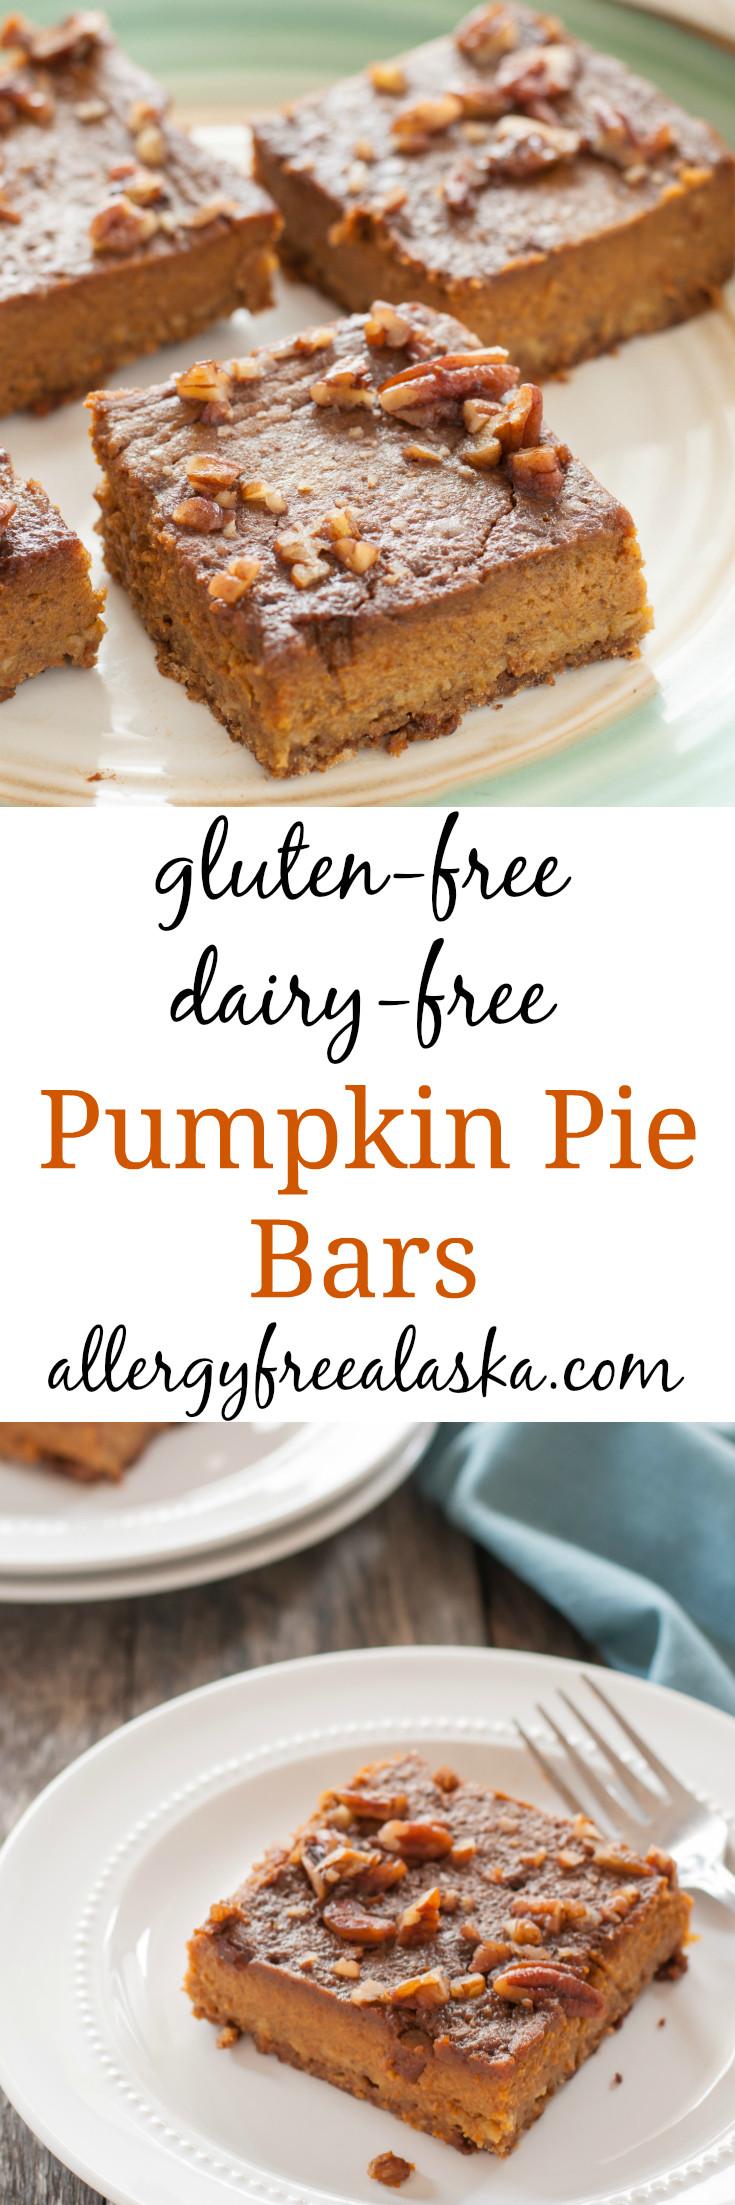 Gluten And Dairy Free Pumpkin Pie  gluten free dairy free pumpkin pie bar recipe from allergy